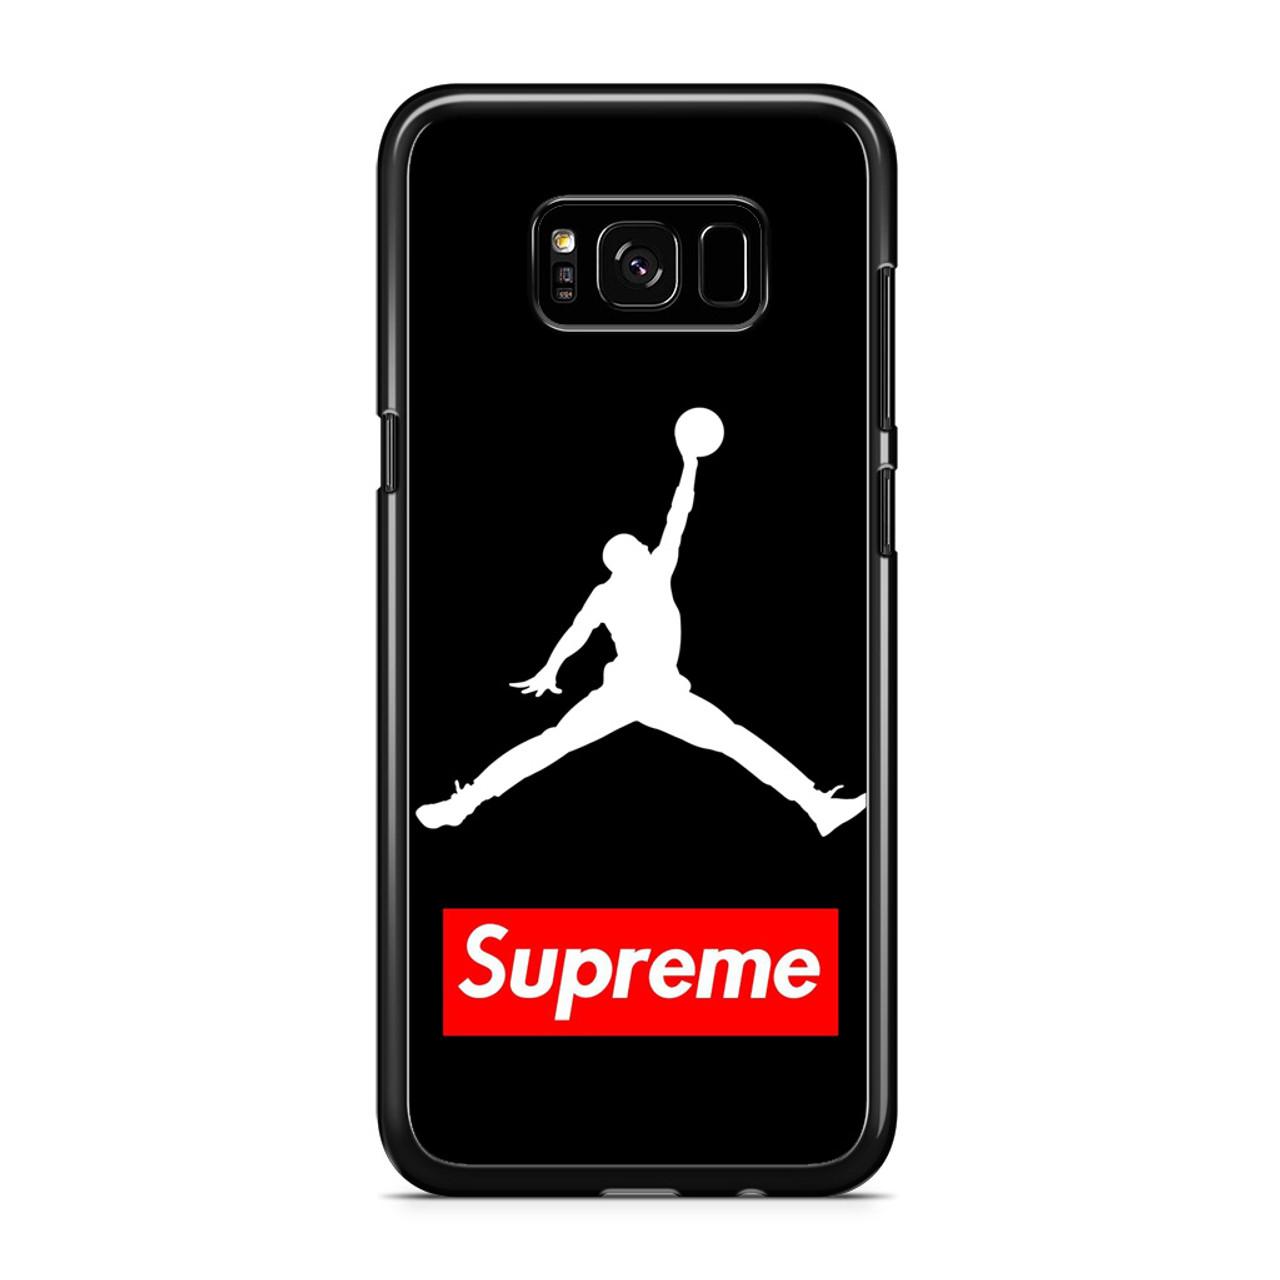 newest 8e627 d9413 Supreme Air Jordan Samsung Galaxy S8 Case